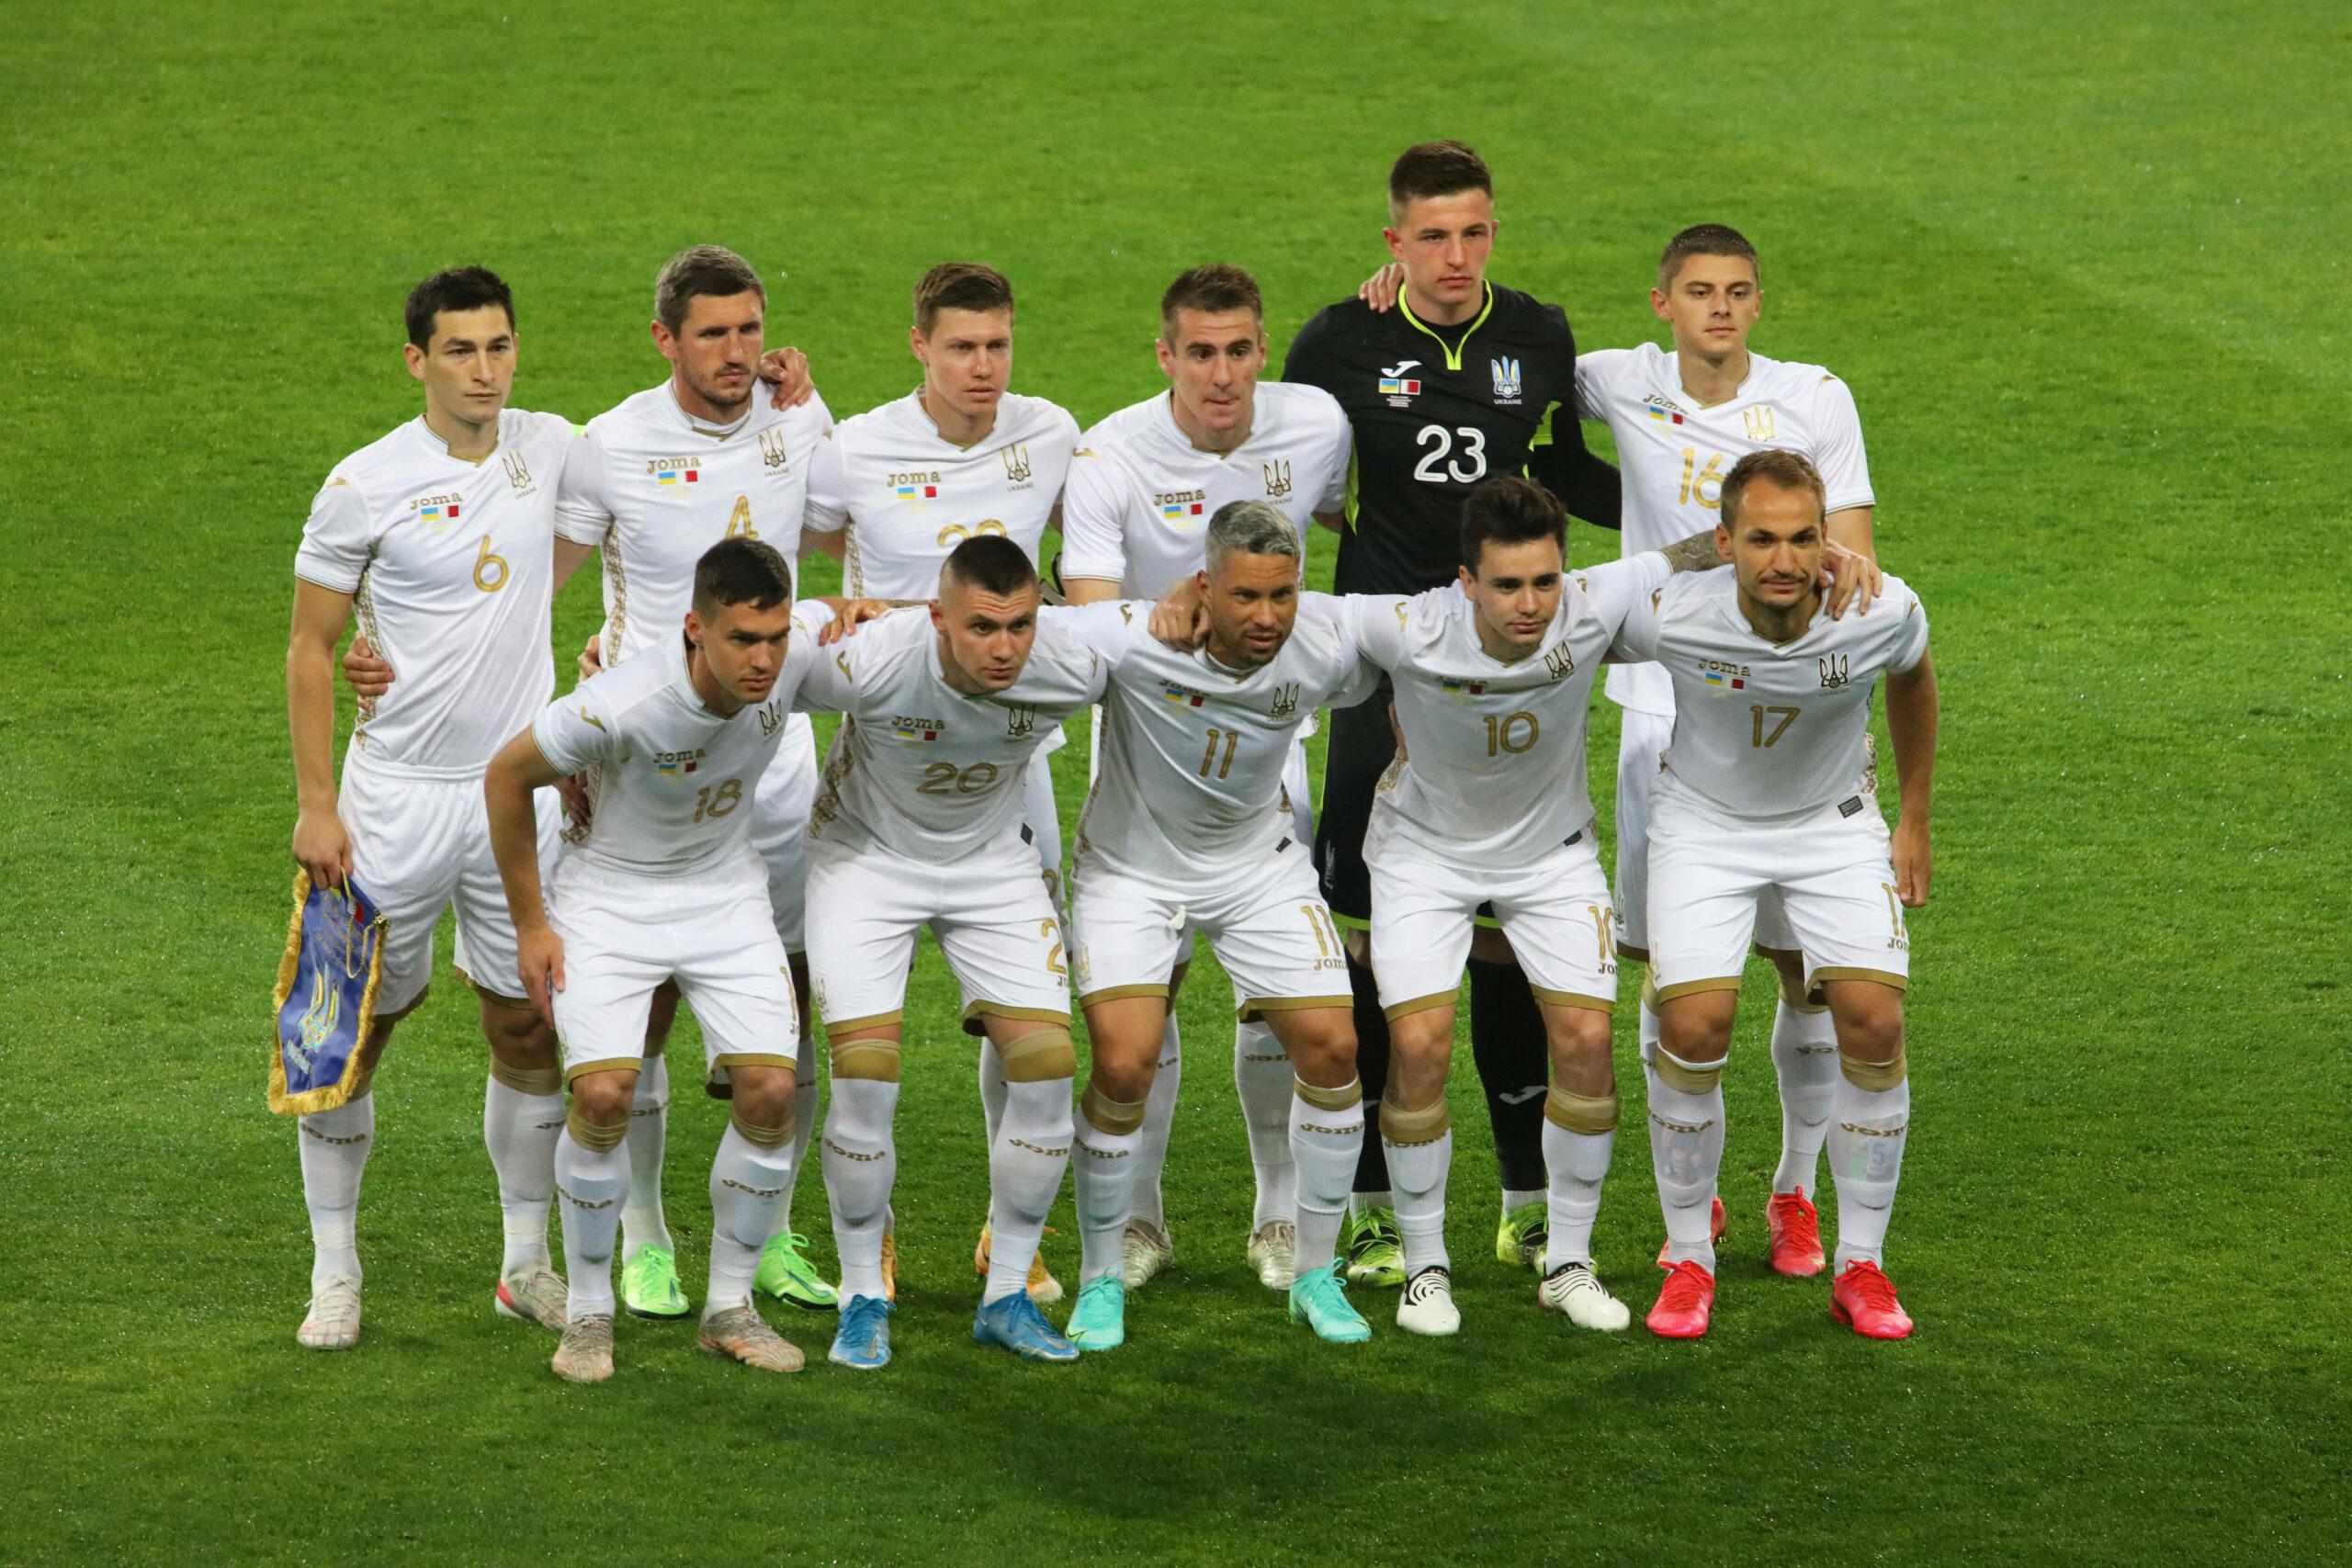 Die ukrainische Nationalmannschaft. Das alte Trikot sorgte noch nicht für Empörung.